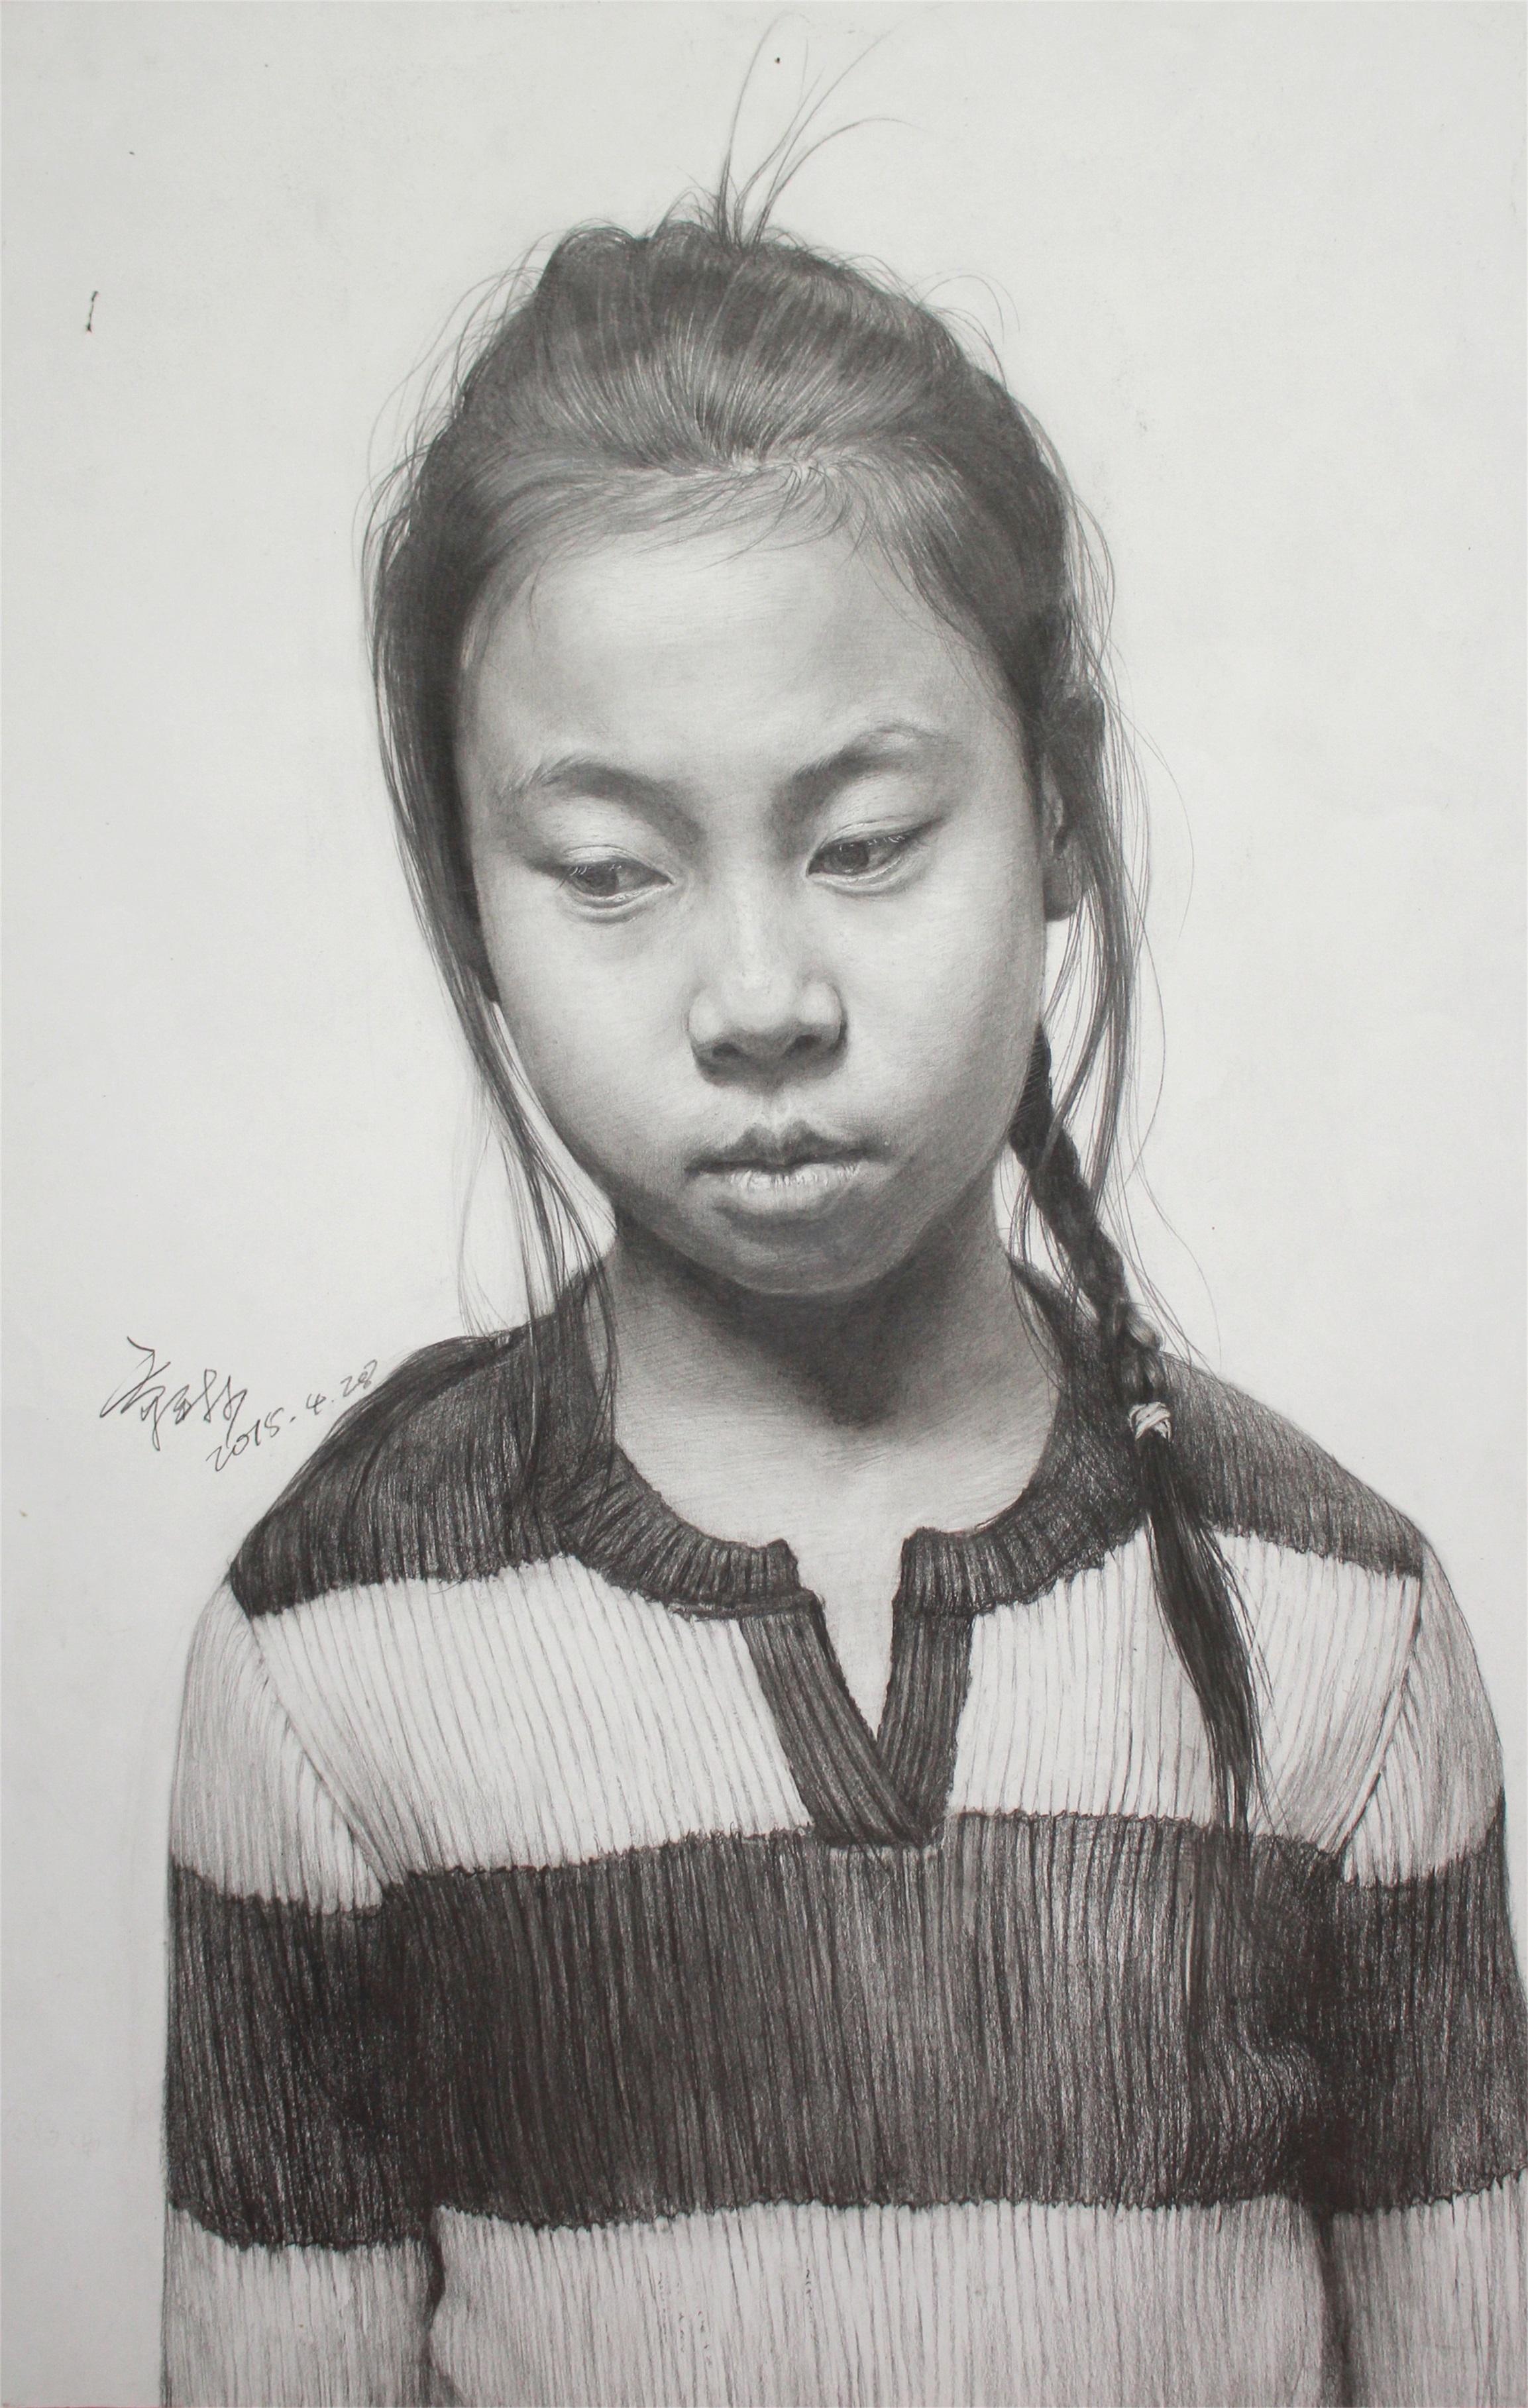 乔琳美术高考作品小女孩扎辫子素描头像赏析